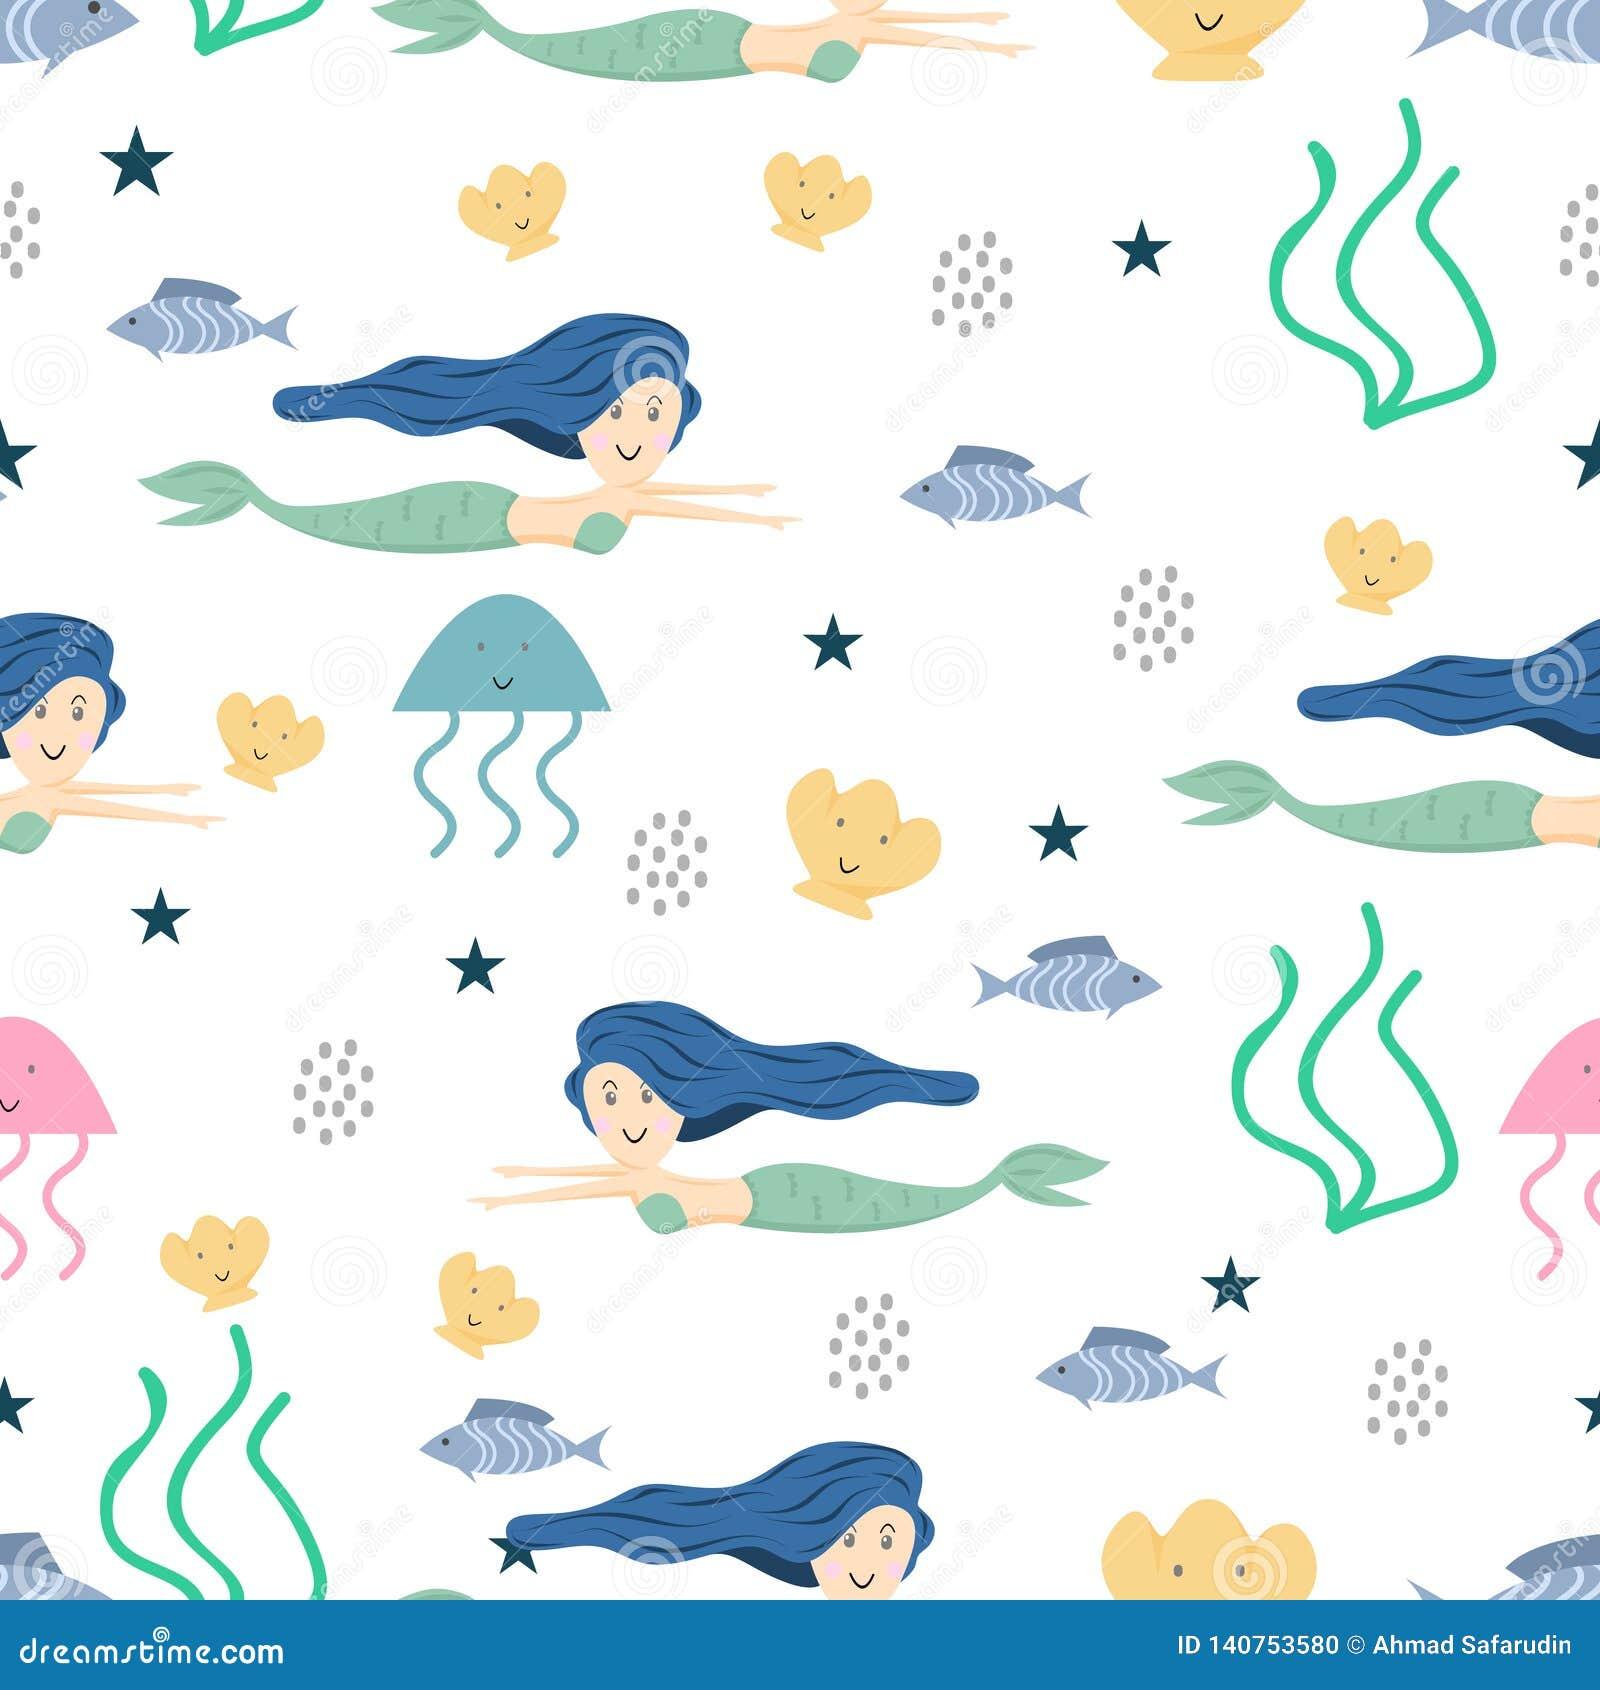 Modelo inconsútil de la sirena linda con el fondo colorido de dibujo infantil para los niños de las vacaciones de verano, bebé, a